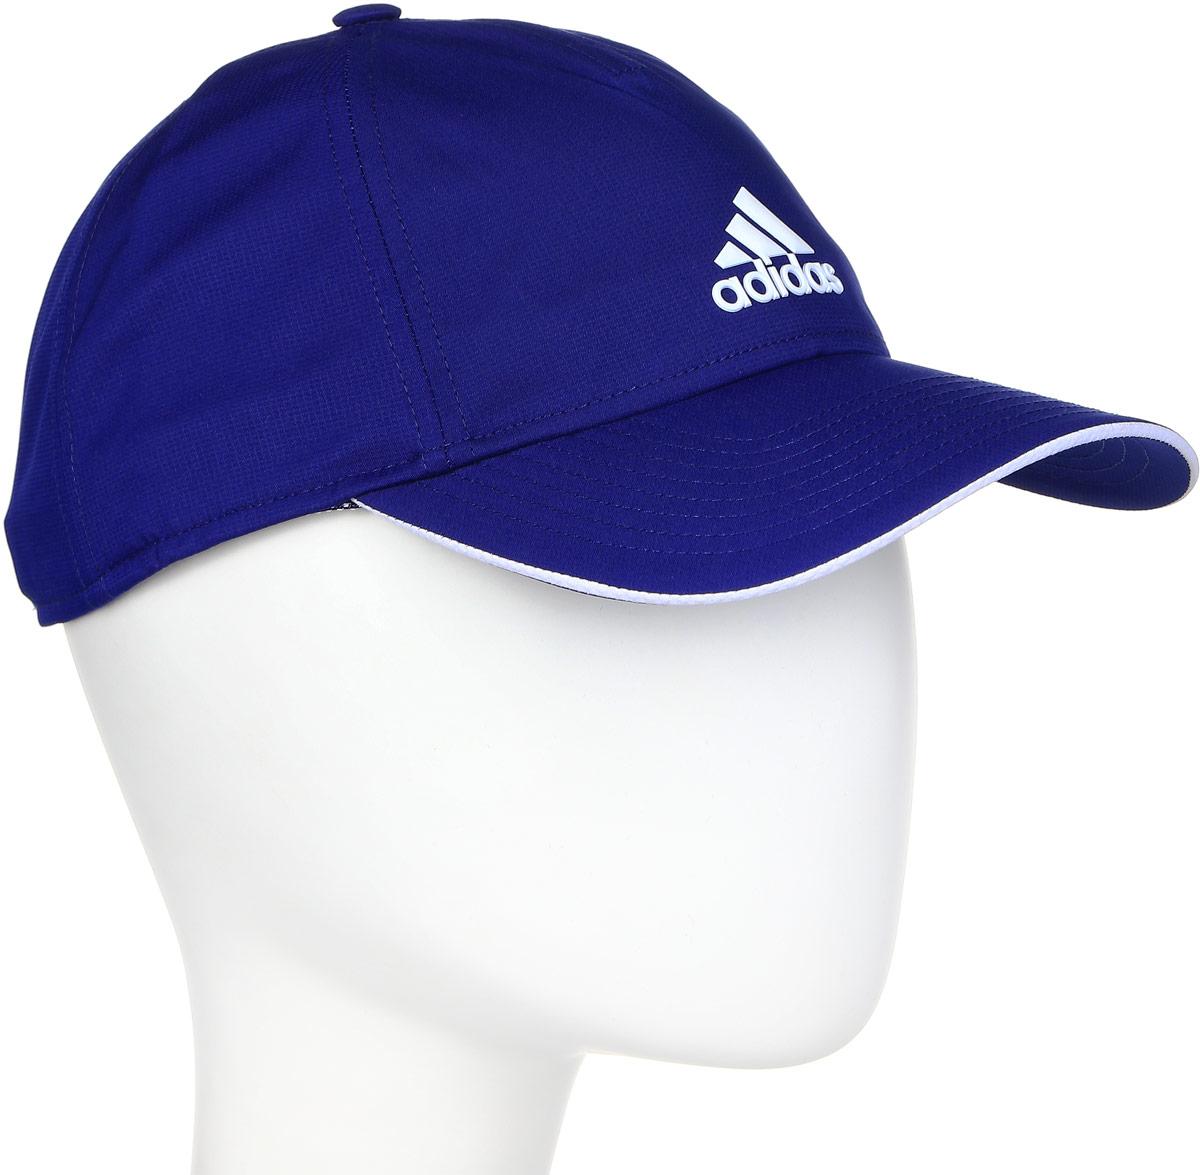 Бейсболка Adidas 5pcl Clmlt Cap, цвет: синий. BR6708. Размер 58/60BR6708Стильная бейсболка Adidas выполнена из полиэстера и дополнена широким изогнутым козырьком.Изделие оформлено спереди названием бренда. Объем бейсболки регулируется с помощью эластичного ремешка с фиксатором.